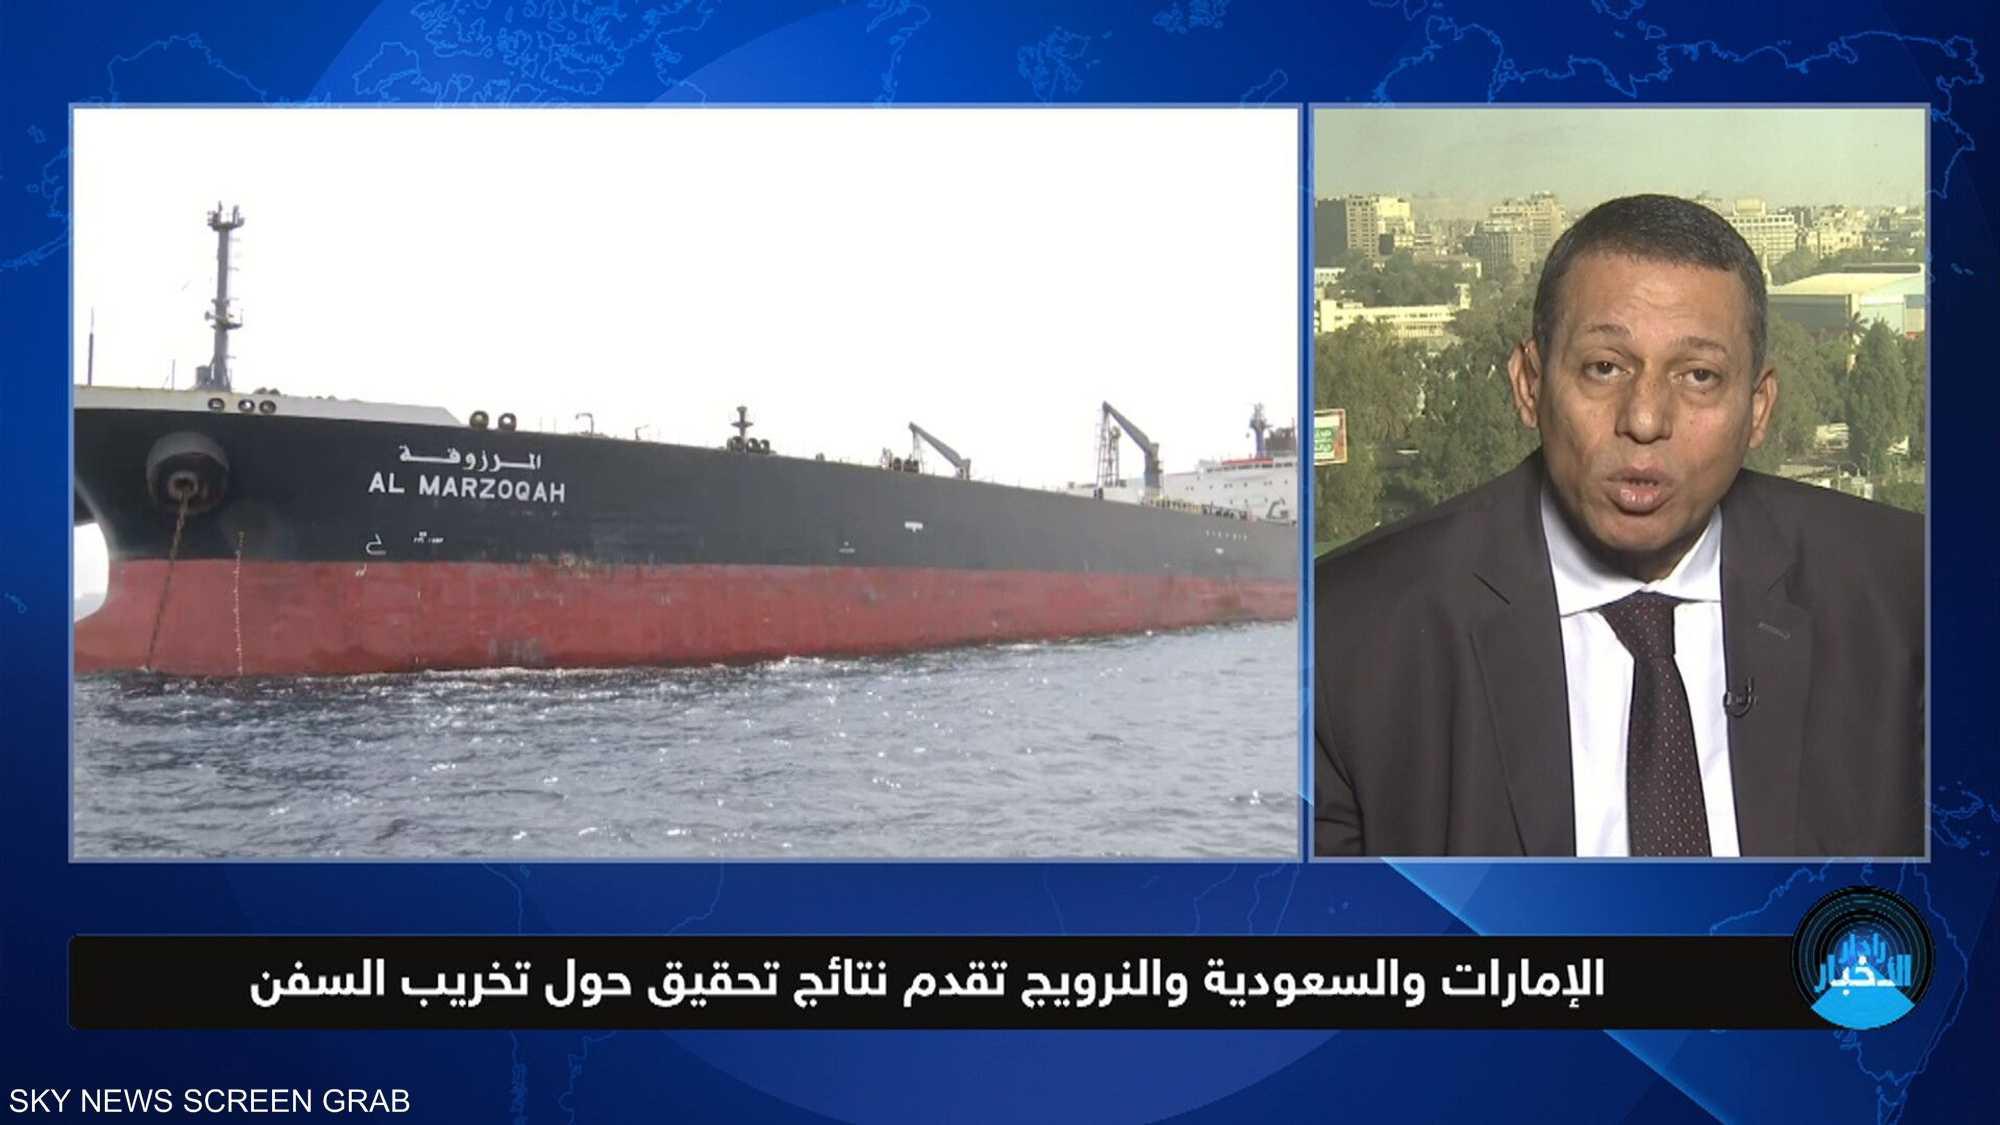 الإمارات والسعودية والنرويج تقدم نتائج تحقيق حول تخريب السفن